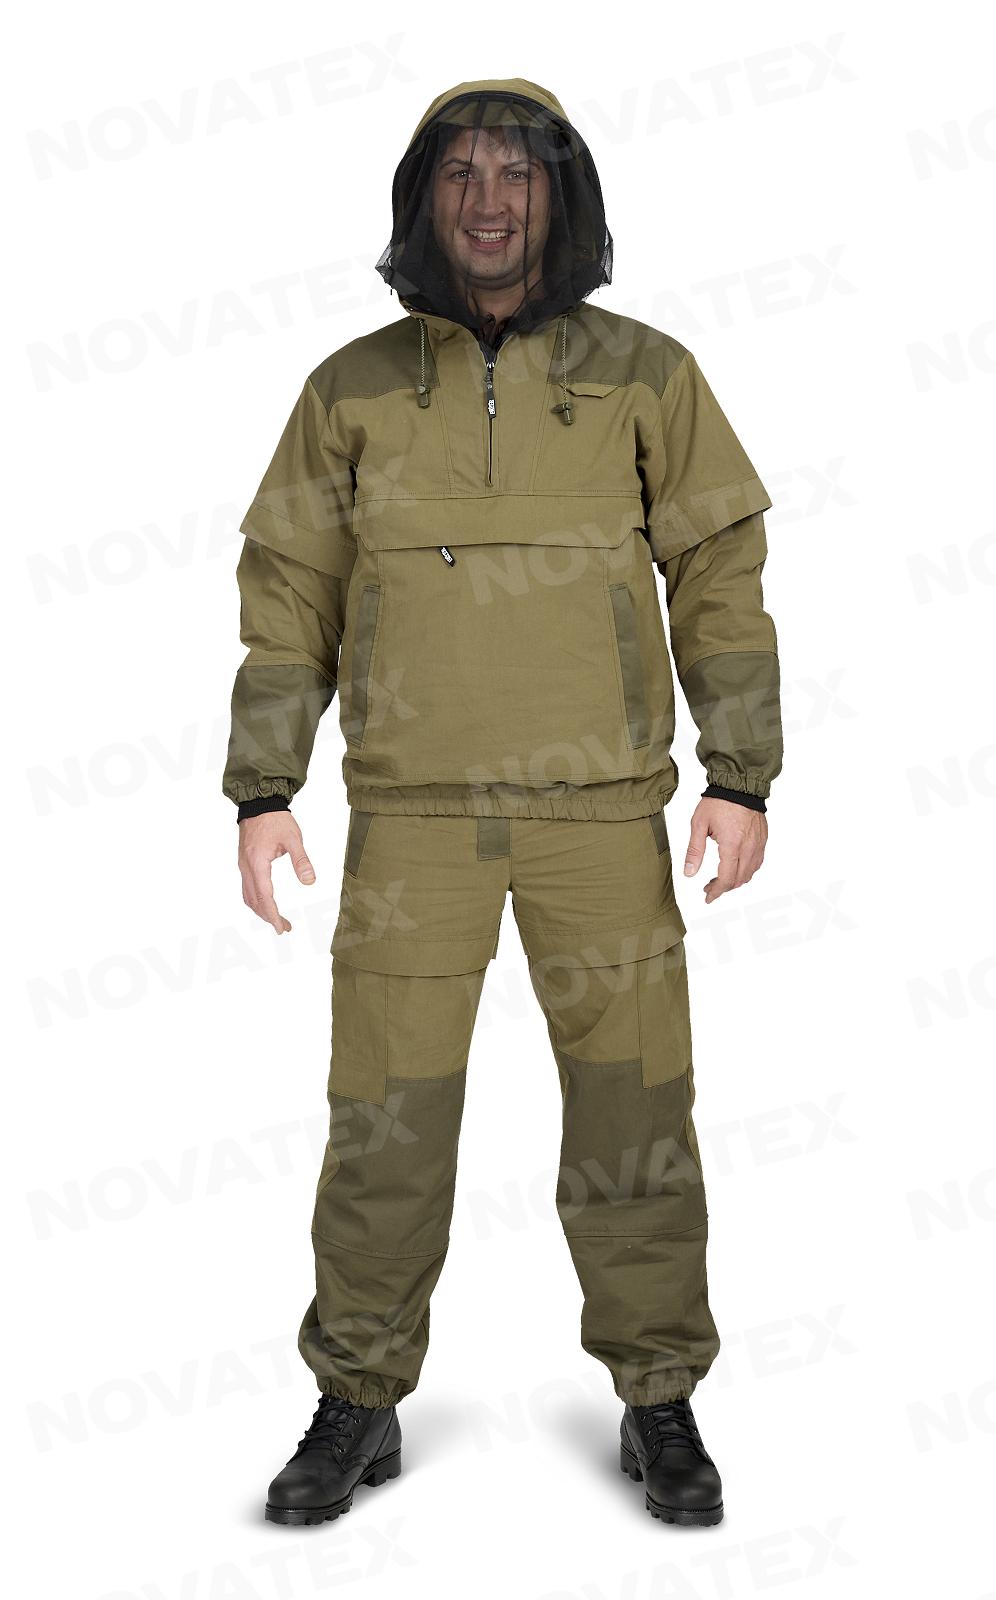 Костюм «Элит Барьер» (смесовая, хаки) PAYER Костюмы противоэнцефалитные<br>Ткань: смесовая ткань (70% хлопок, 30% нейлон) <br>Костюм «Элит-Барьер»(ТМ «Payer») от Novatex <br>разработан на основе классического противоэнцефалитного <br>костюма.Этот костюм состоит из куртки <br>типа «анорак» с капюшоном и брюк прямого <br>кроя. Костюм оснащен специальными ловушками <br>для клещей. В отличие от других костюмов, <br>обладает множеством защитных кулис и ловушек <br>с вставками под пропитку акарицидными средствами. <br>Сама ткань, из которой производится костюм, <br>пропитана акарицидным средством и не теряет <br>защитных свойств как минимум 10 стирок. Сетка <br>накомарника съемная и легко убирается в <br>потайной карман. Плотная однотонная ткань(70% <br>хлопок, 30% нейлон) создает надежную защиту, <br>позволяет телу «дышать» и повышает шансы <br>своевременного обнаружения насекомых. <br>Рукава оснащены плотными трикотажными <br>манжетами. Область коленей усилена дополнительным <br>слоем ткани. Этот костюм отлично подойдет <br>для всех, кто много бывает в лесу.<br><br>Пол: мужской<br>Размер: 60-62<br>Рост: 194-200<br>Сезон: лето<br>Цвет: оливковый